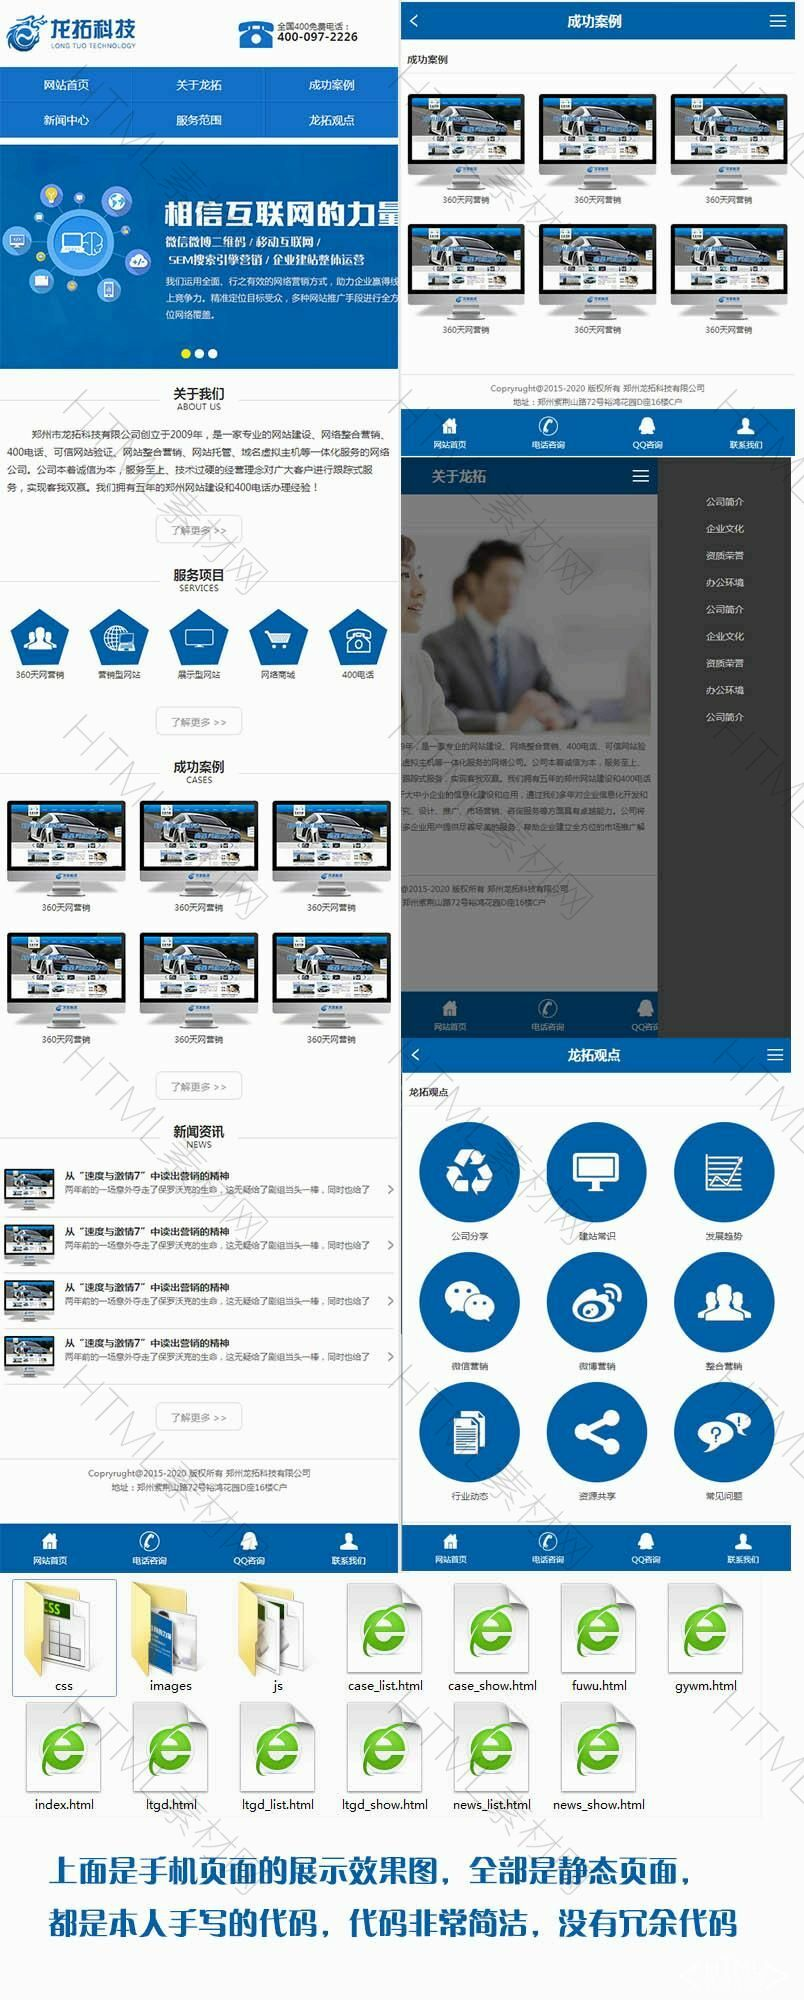 蓝色网络公司手机静态页面wap模板.jpg